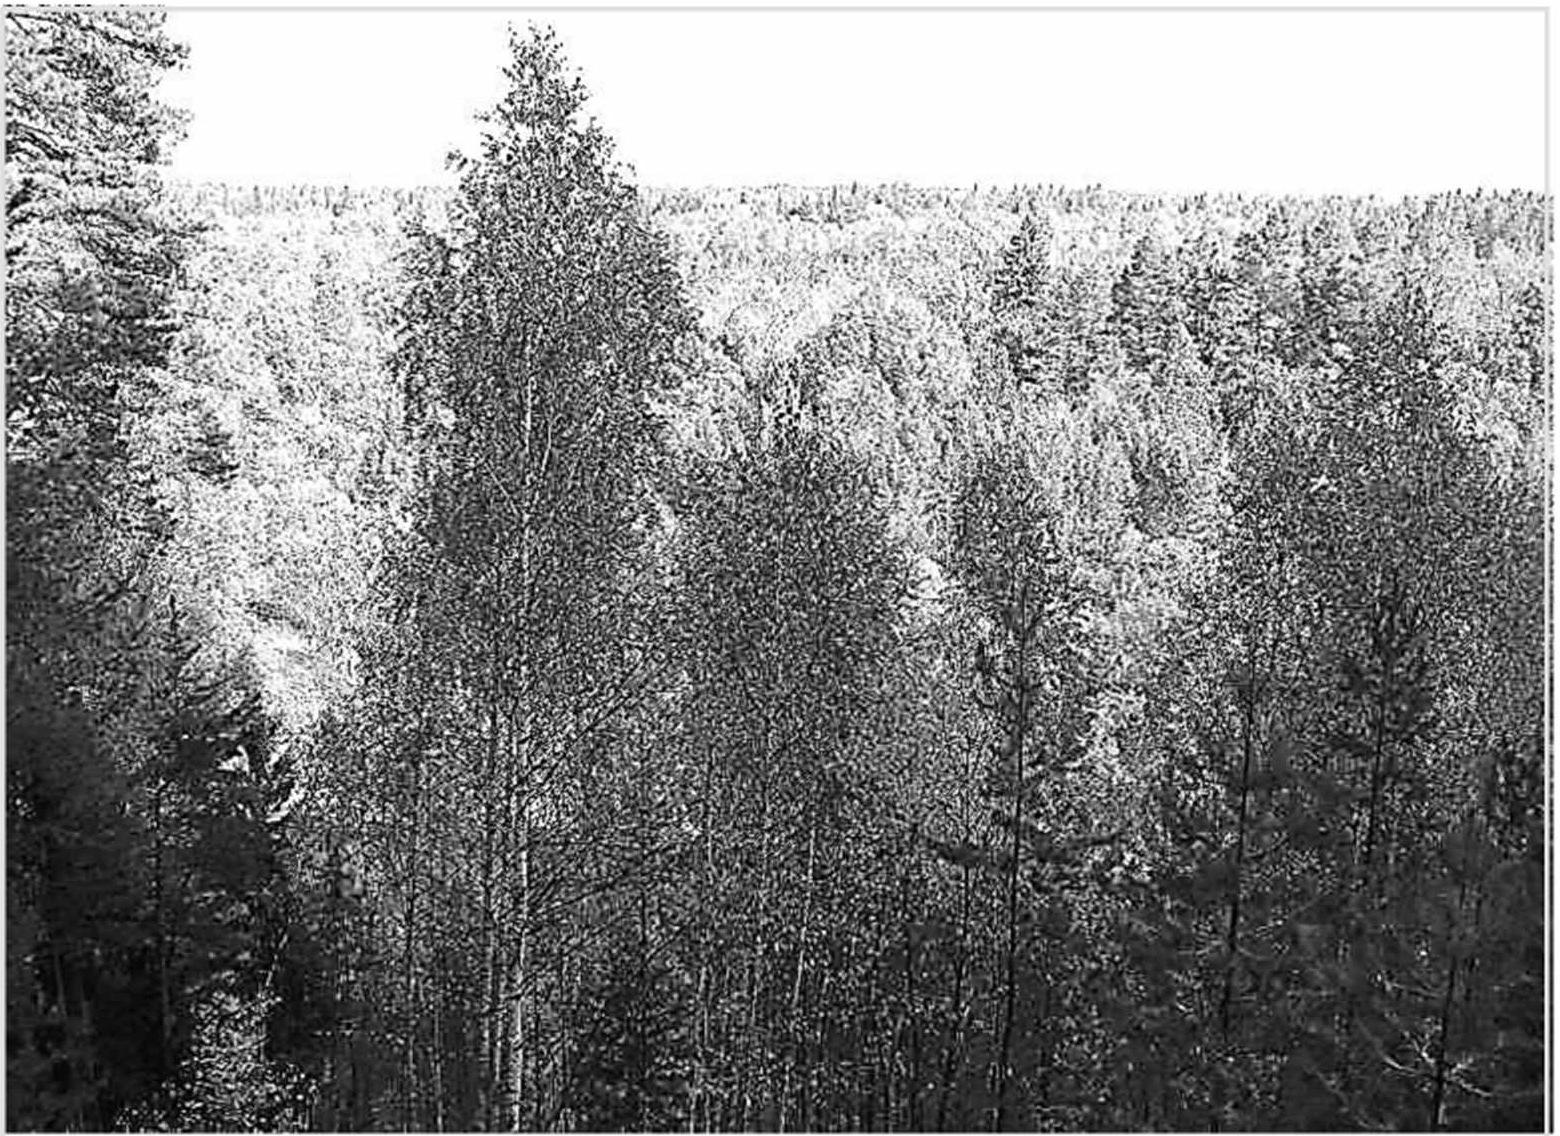 Типичный участок лесного охотничьего угодья